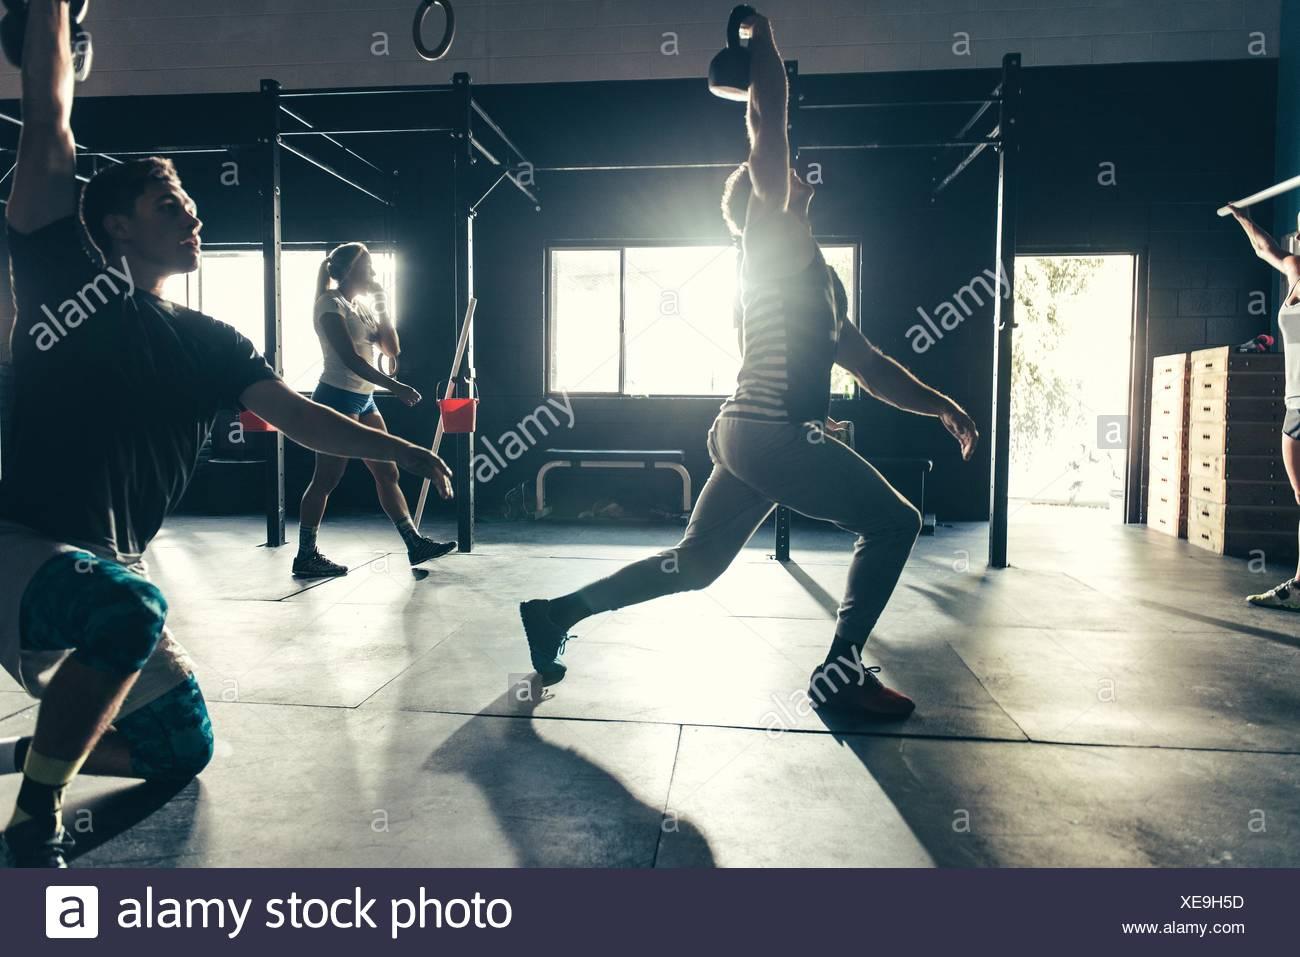 Las personas con entrenamiento en el gimnasio kettlebell Imagen De Stock